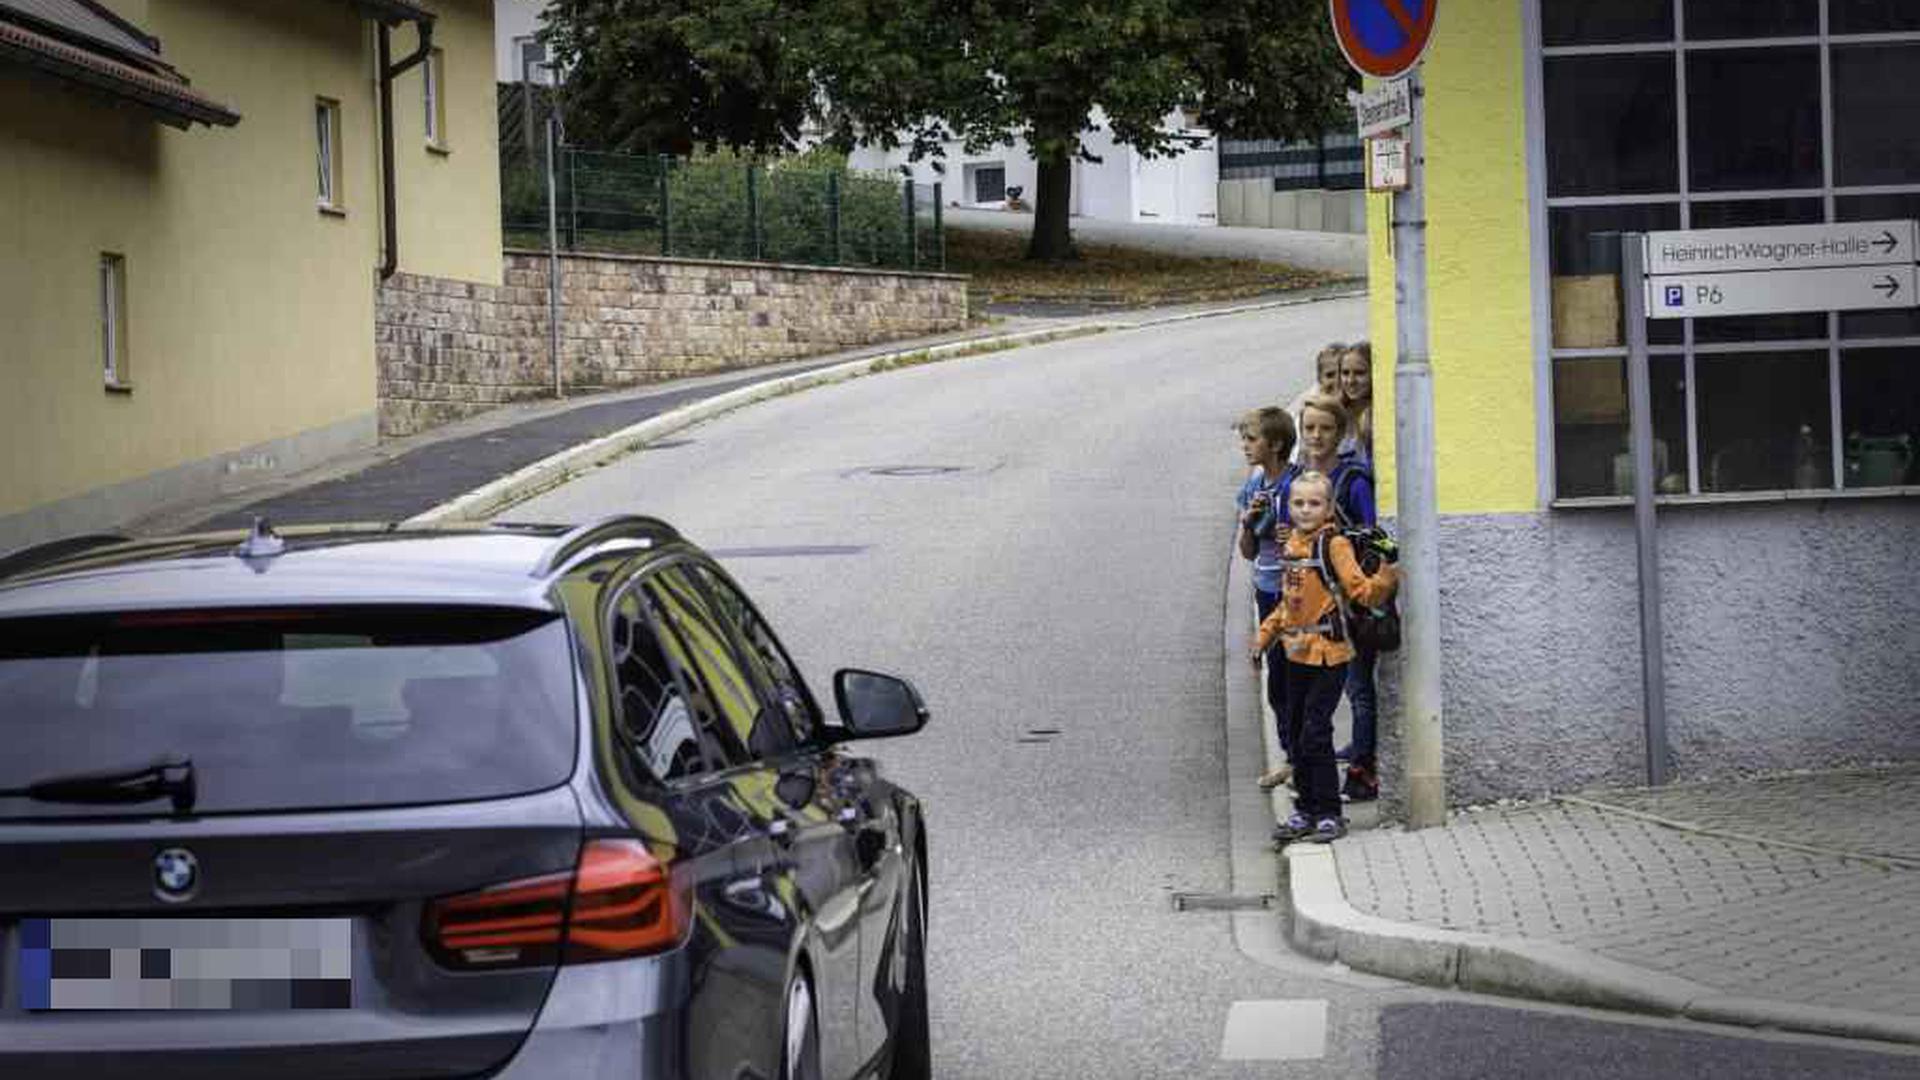 Gefährliche Stelle in Walzbachtal-Wössingen: Kinder aus dem Hauweg warten an der Steiner Straße, dass sie über die Fahrbahn können. Auf Initiative aus der Bevölkerung wurde ein parallel verlaufender Weg ausgebaut.